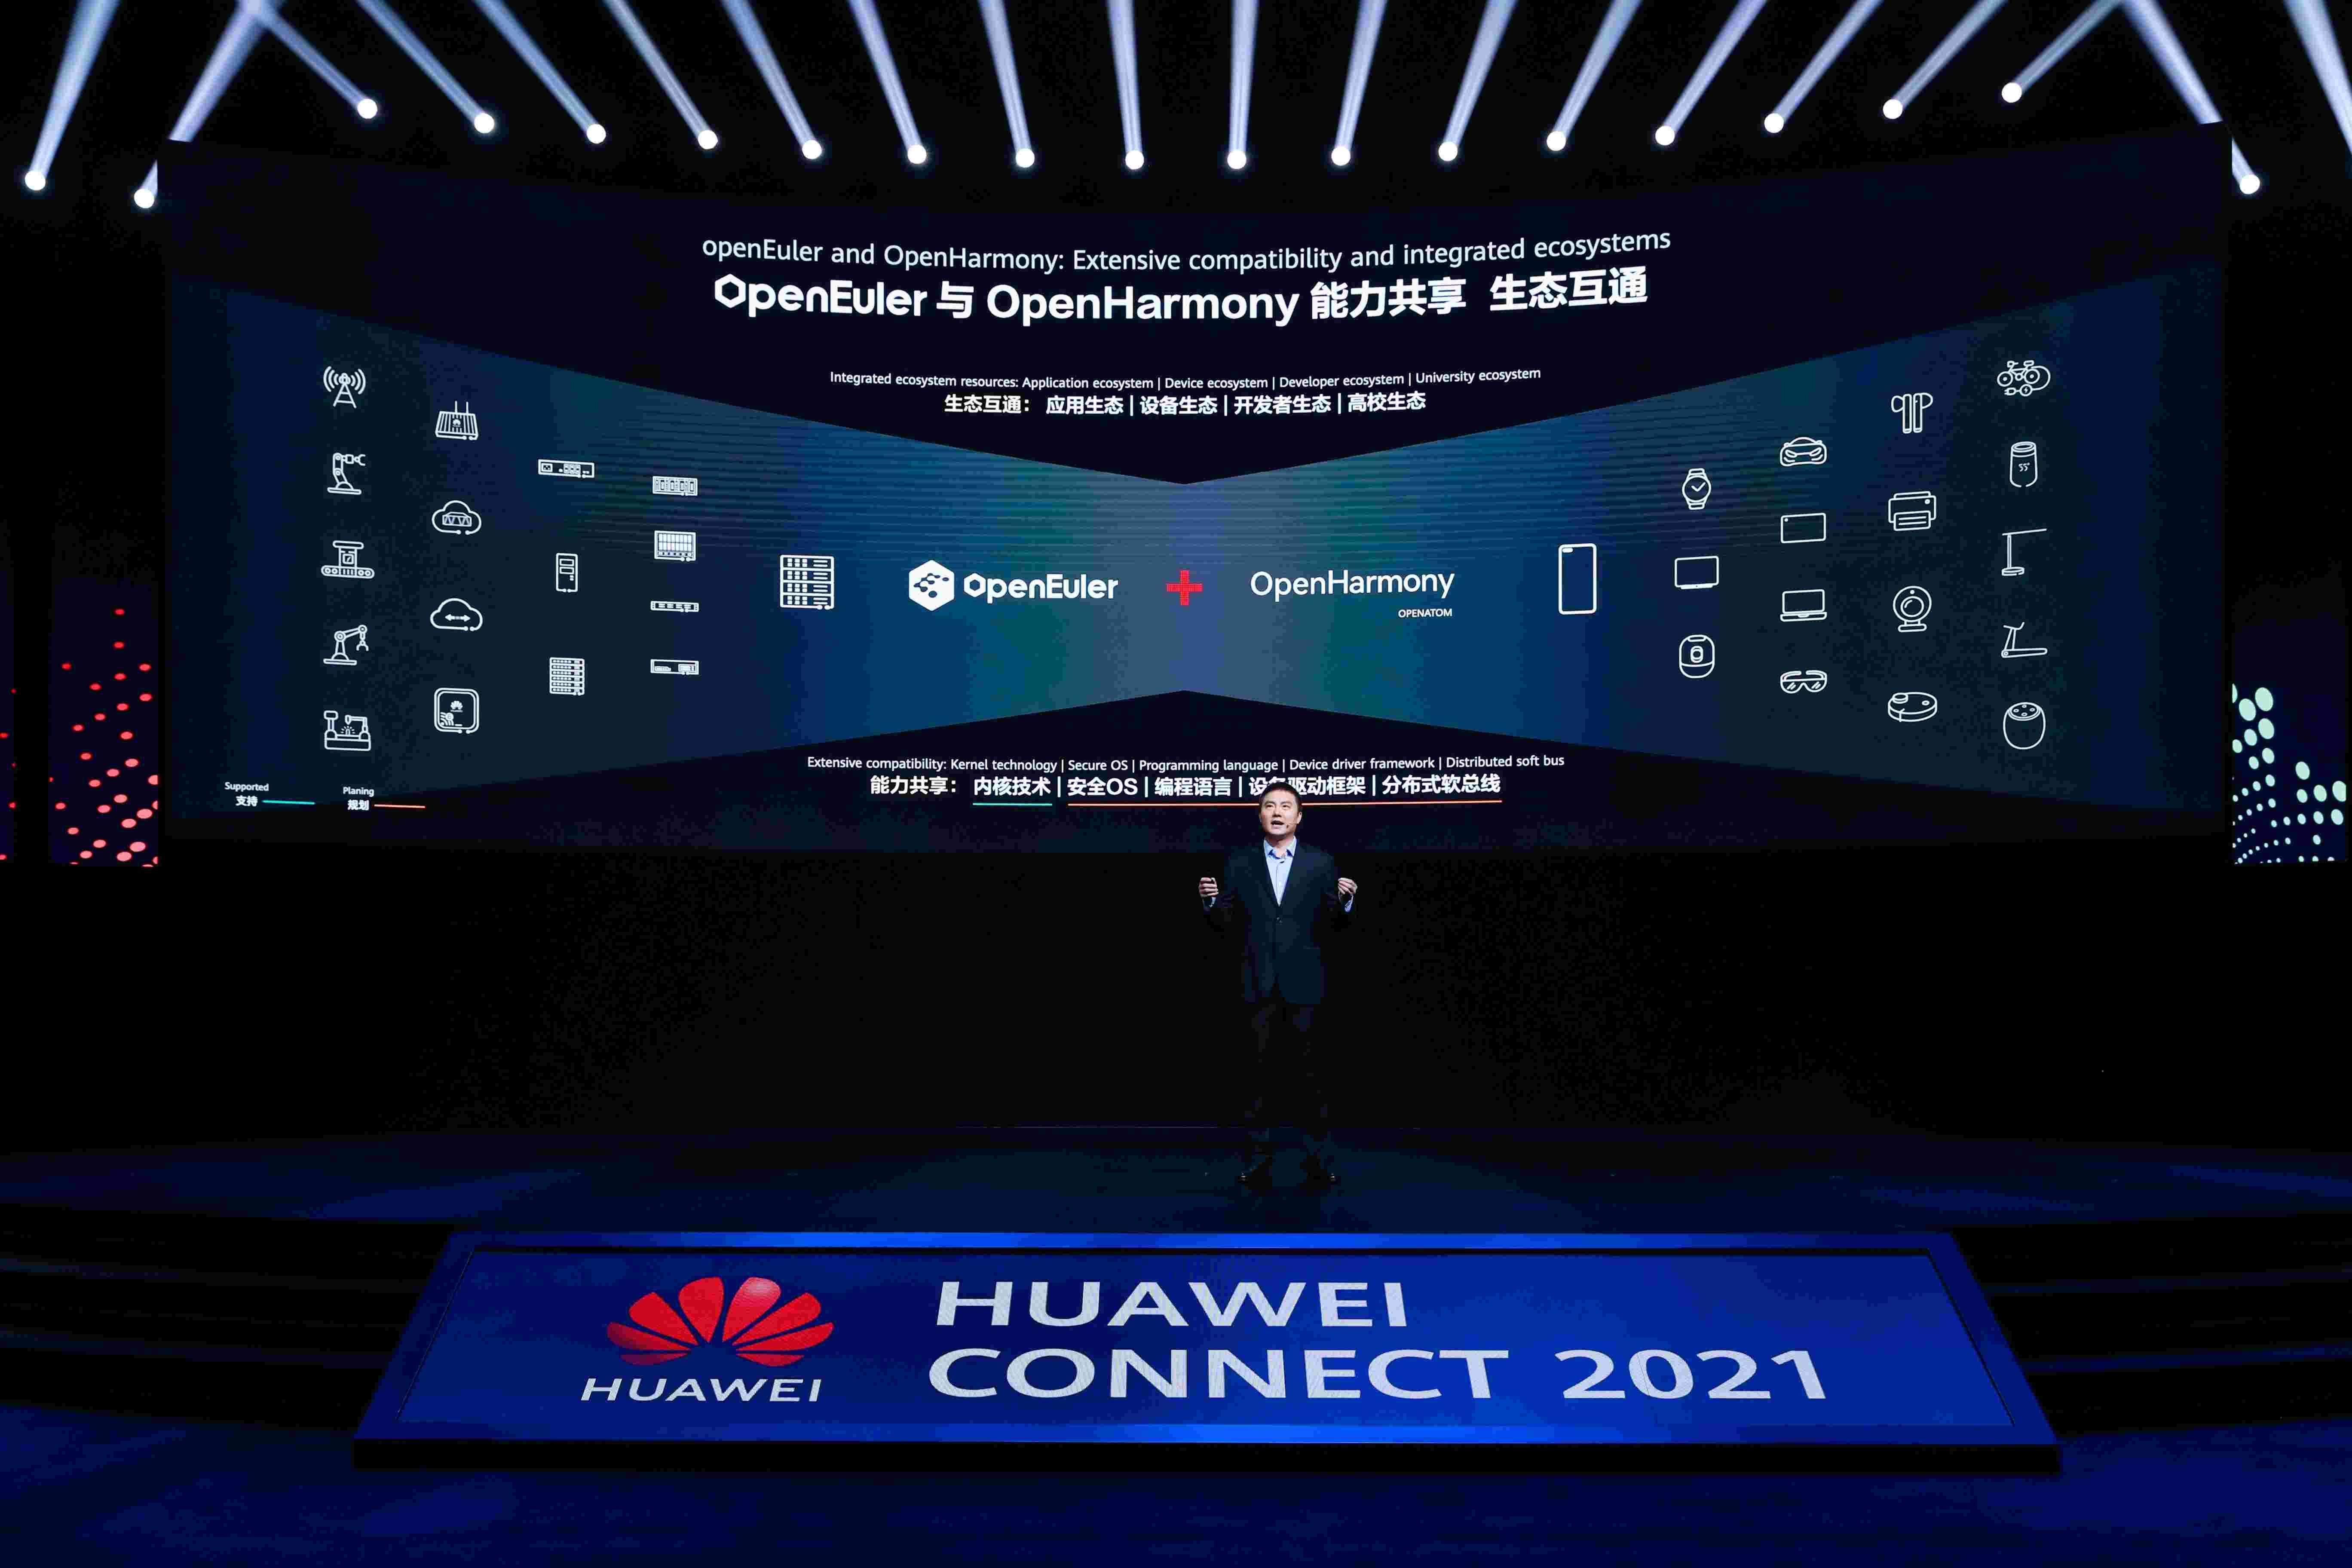 华为发布全新数字基础设施开源操作系统欧拉